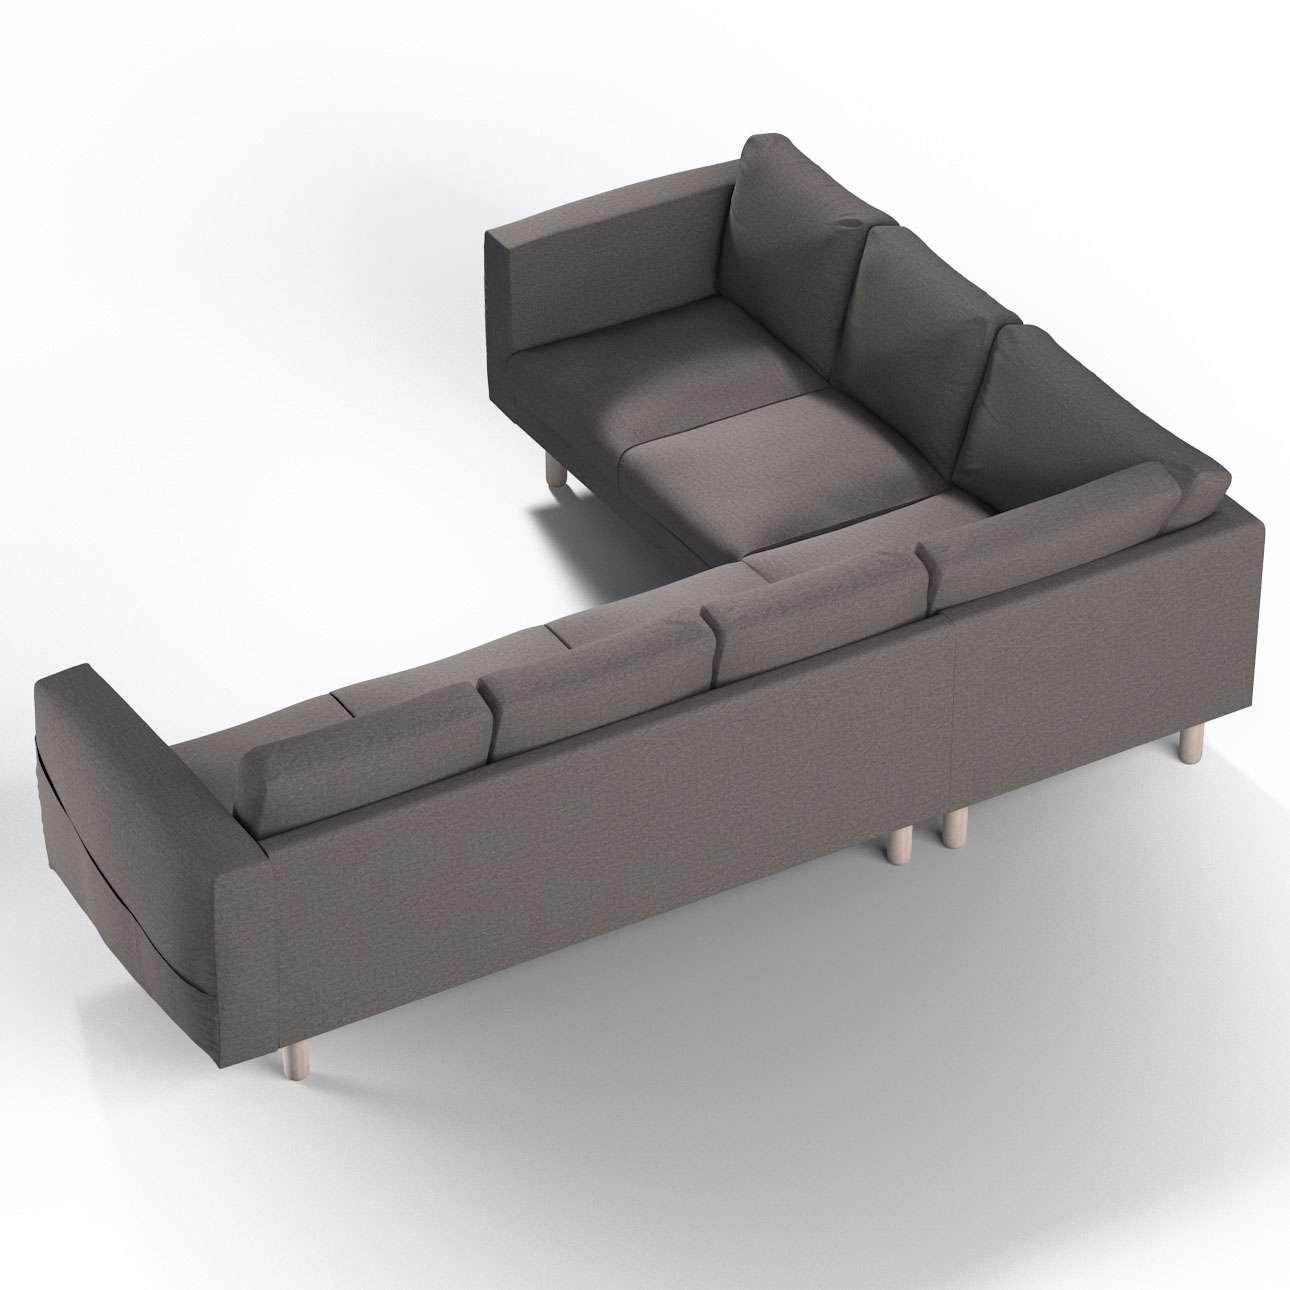 Pokrowiec na sofę narożną Norsborg 5-osobową w kolekcji Edinburgh, tkanina: 115-77